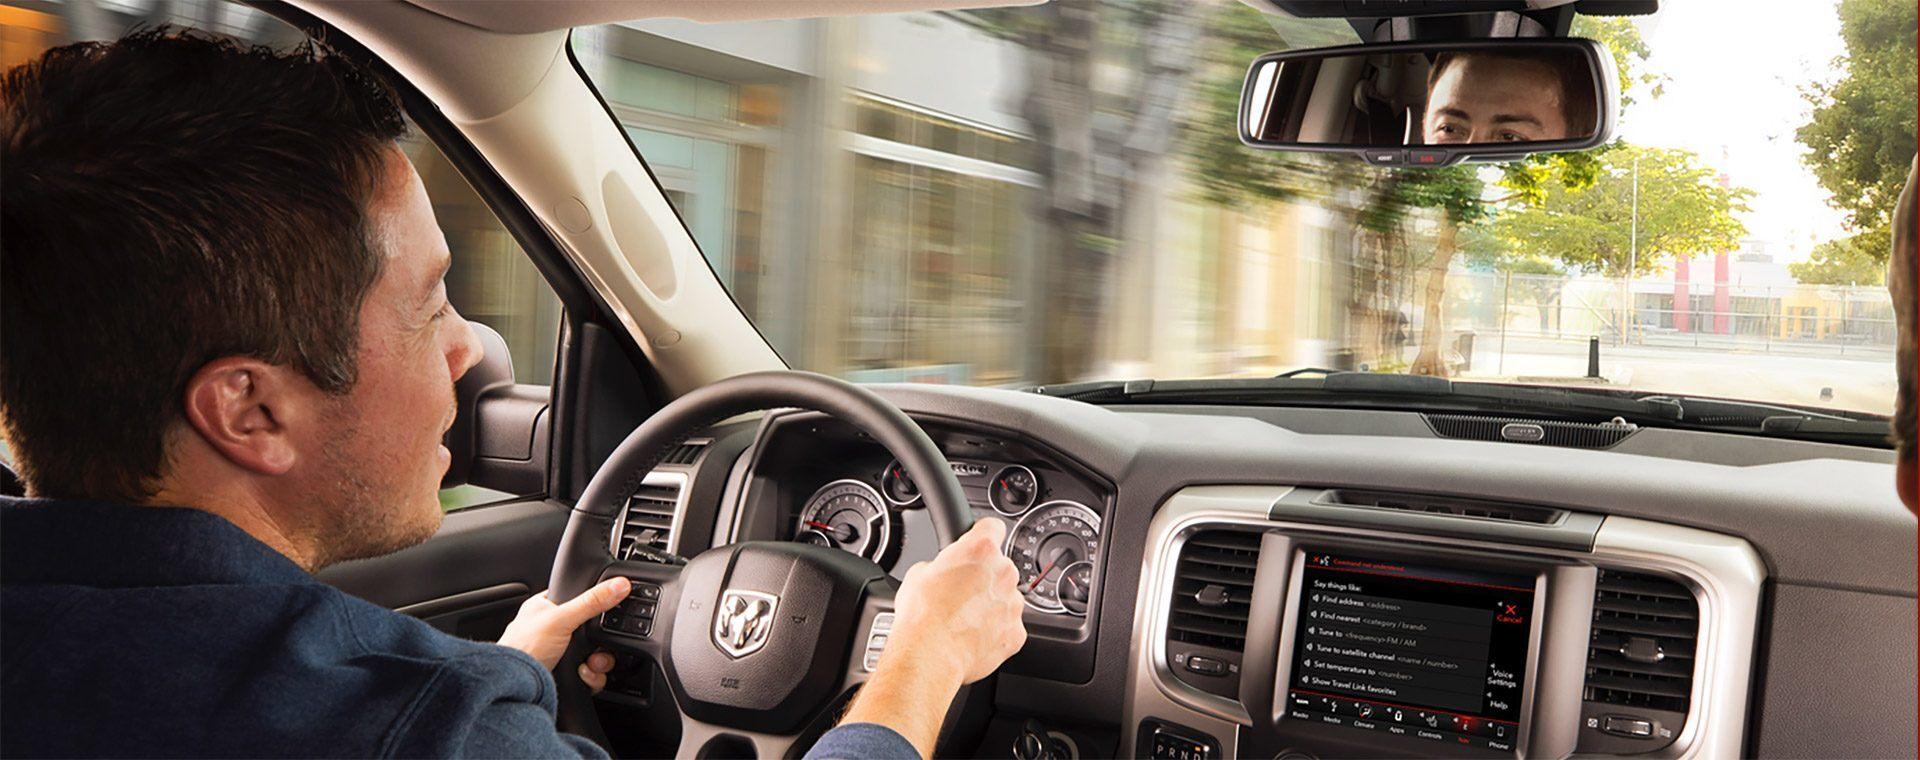 Di lo que piensas. Mantén el control de tu vehículo marca Ram con comando de voz. Ahora puedes acceder a tu sistema Uconnect® sin quitar las manos del volante o los ojos de la carretera.